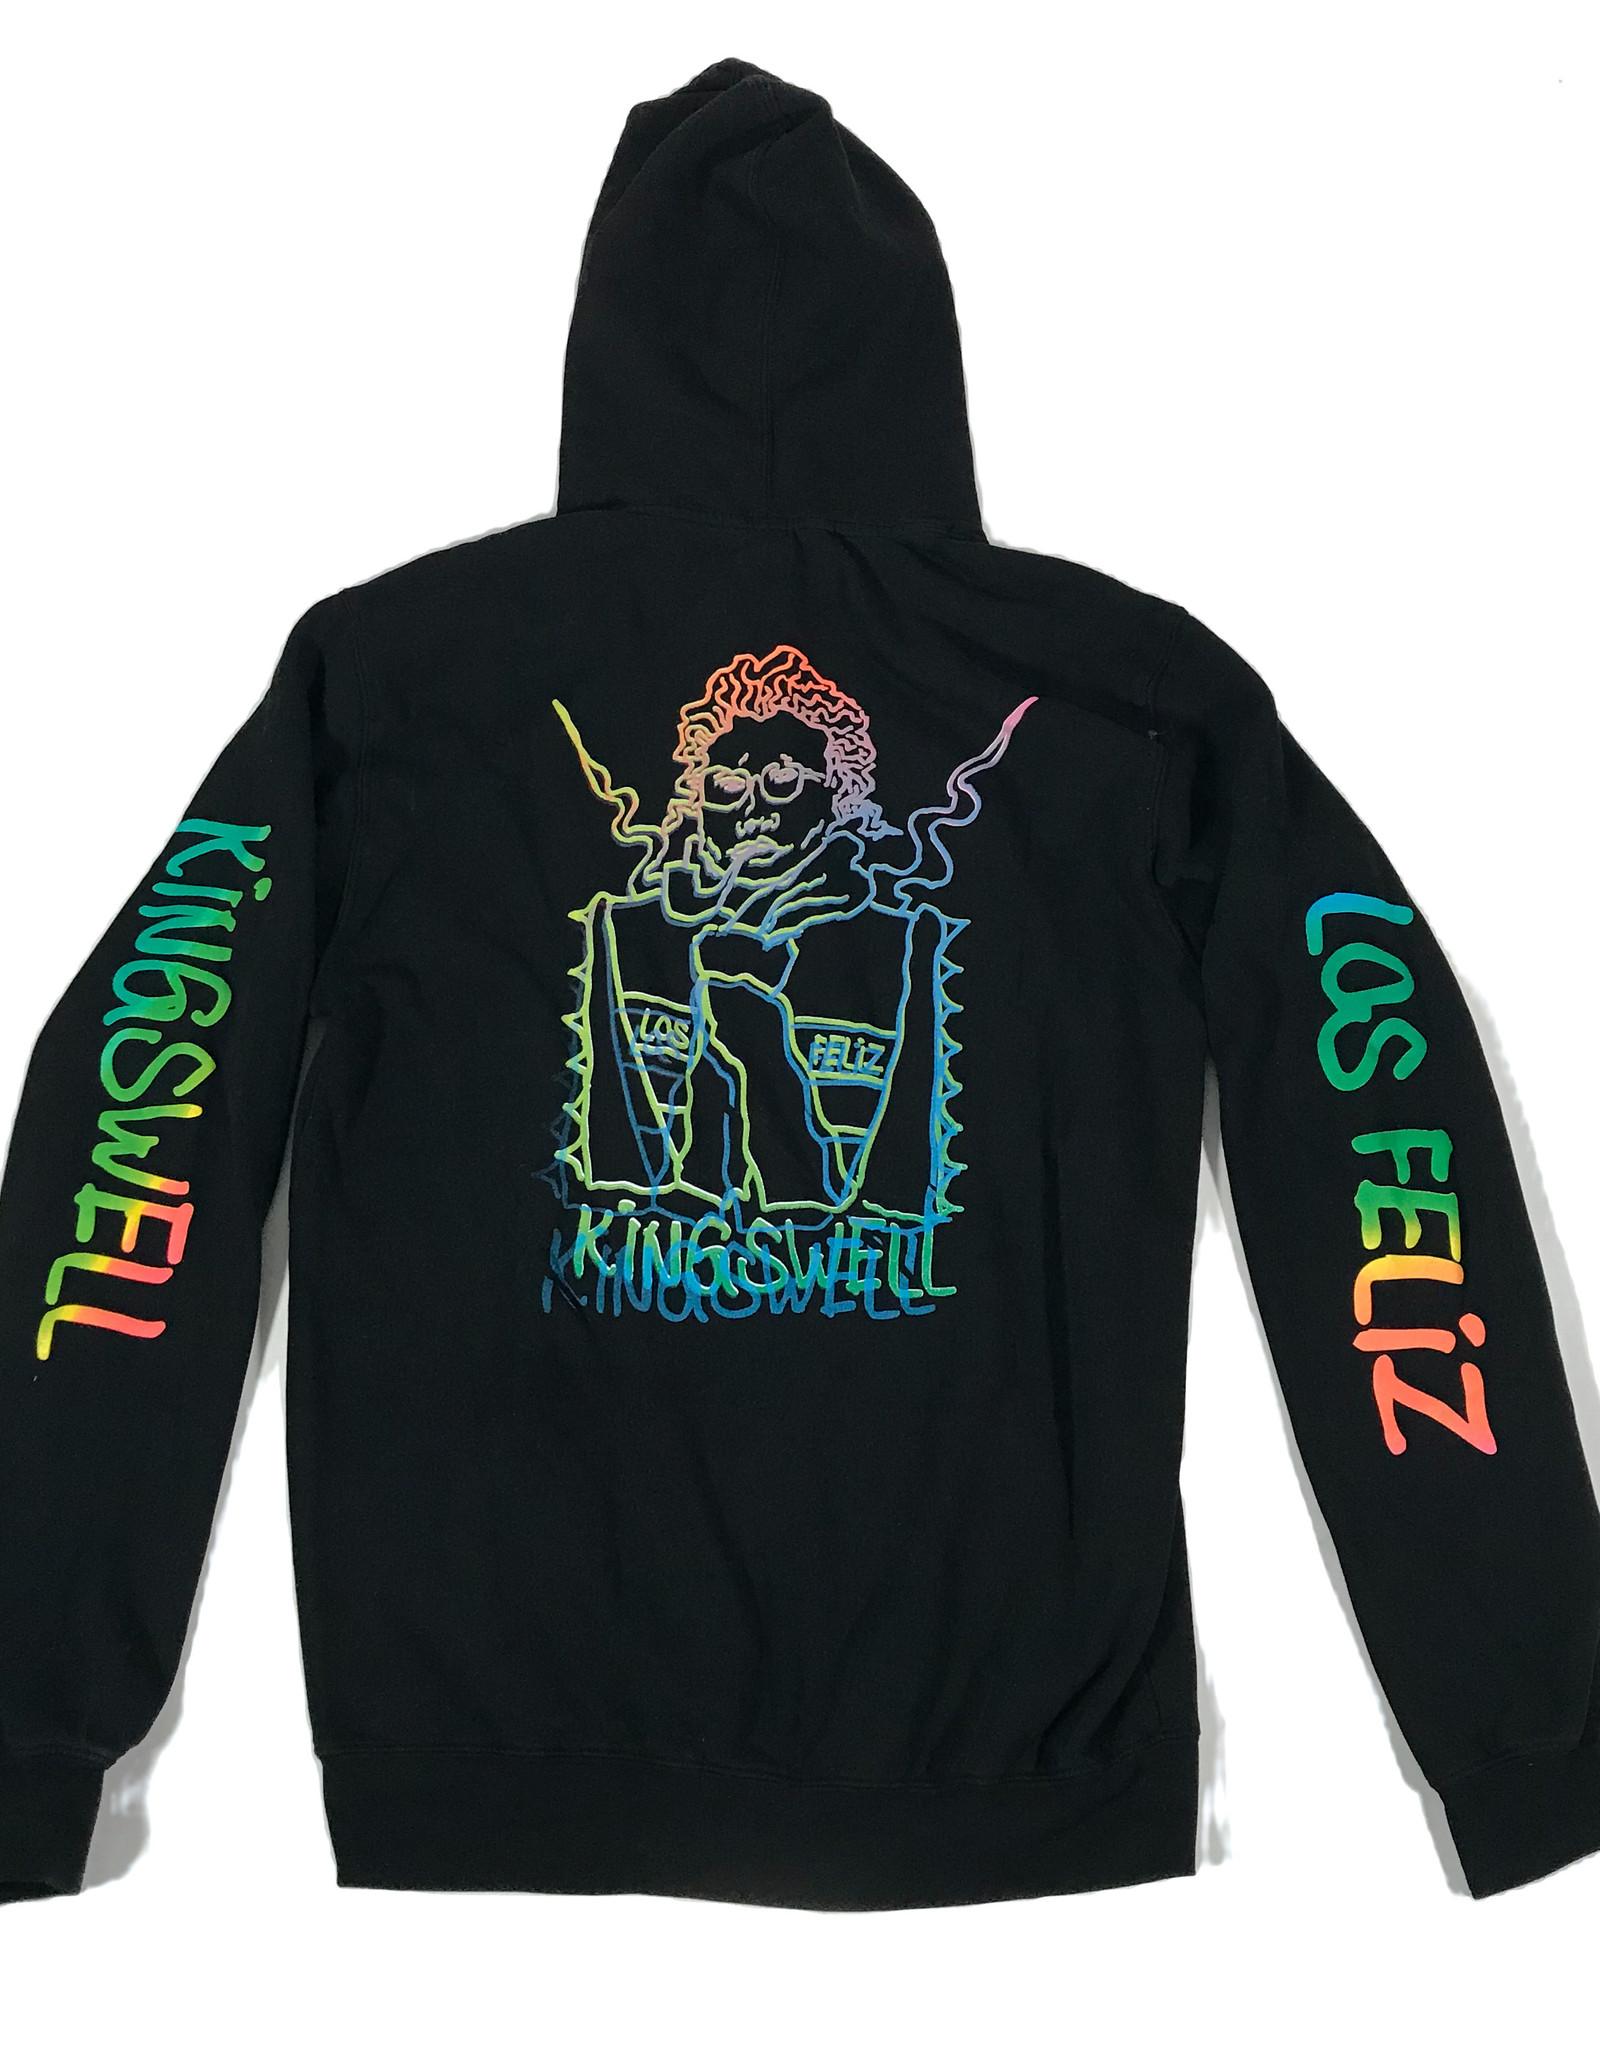 KINGSWELL KINGSWELL GONZ HOODIE  - BLACK